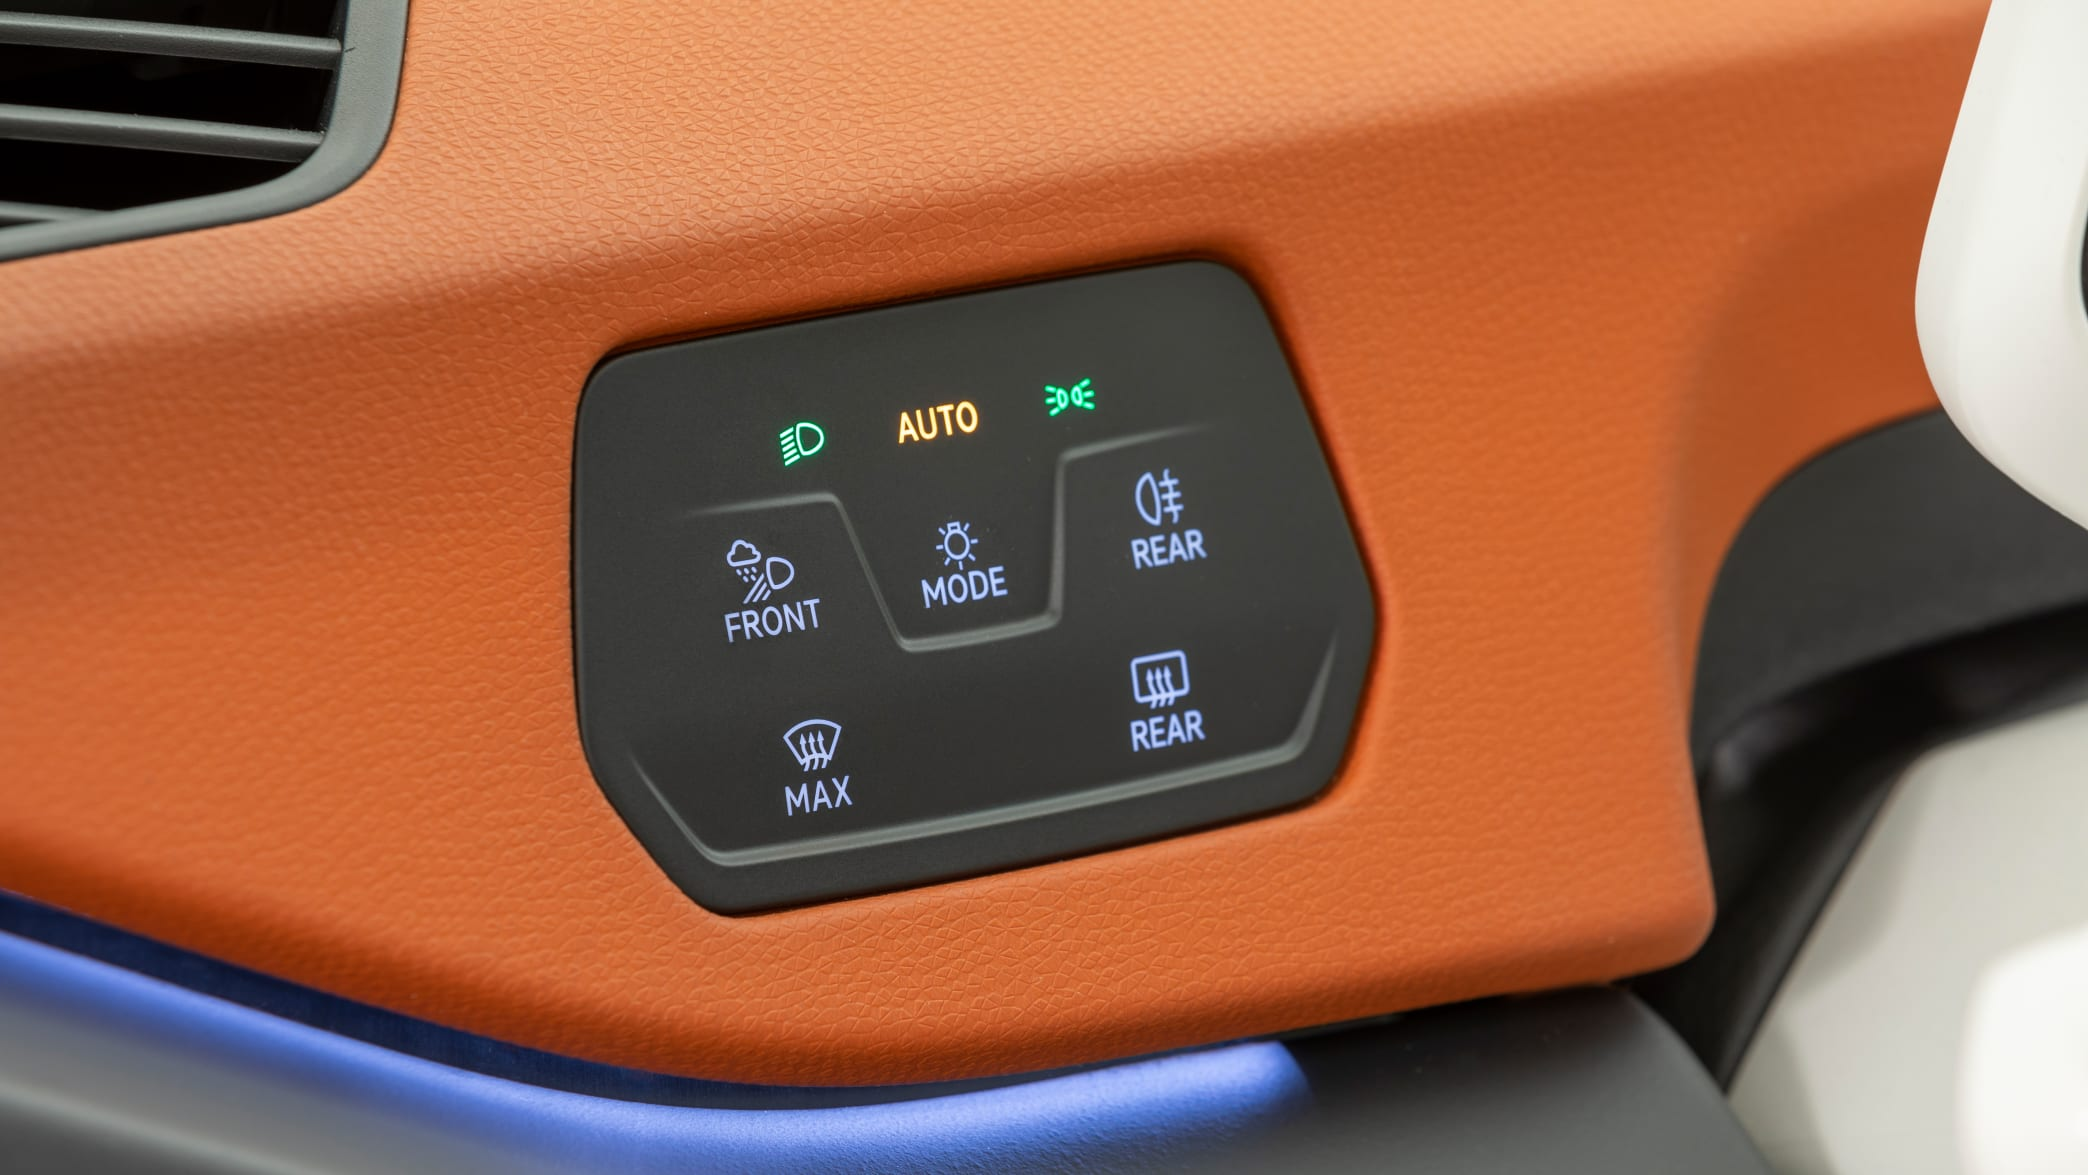 Beleuchtung und Heckscheibenheizung eines VW ID.3